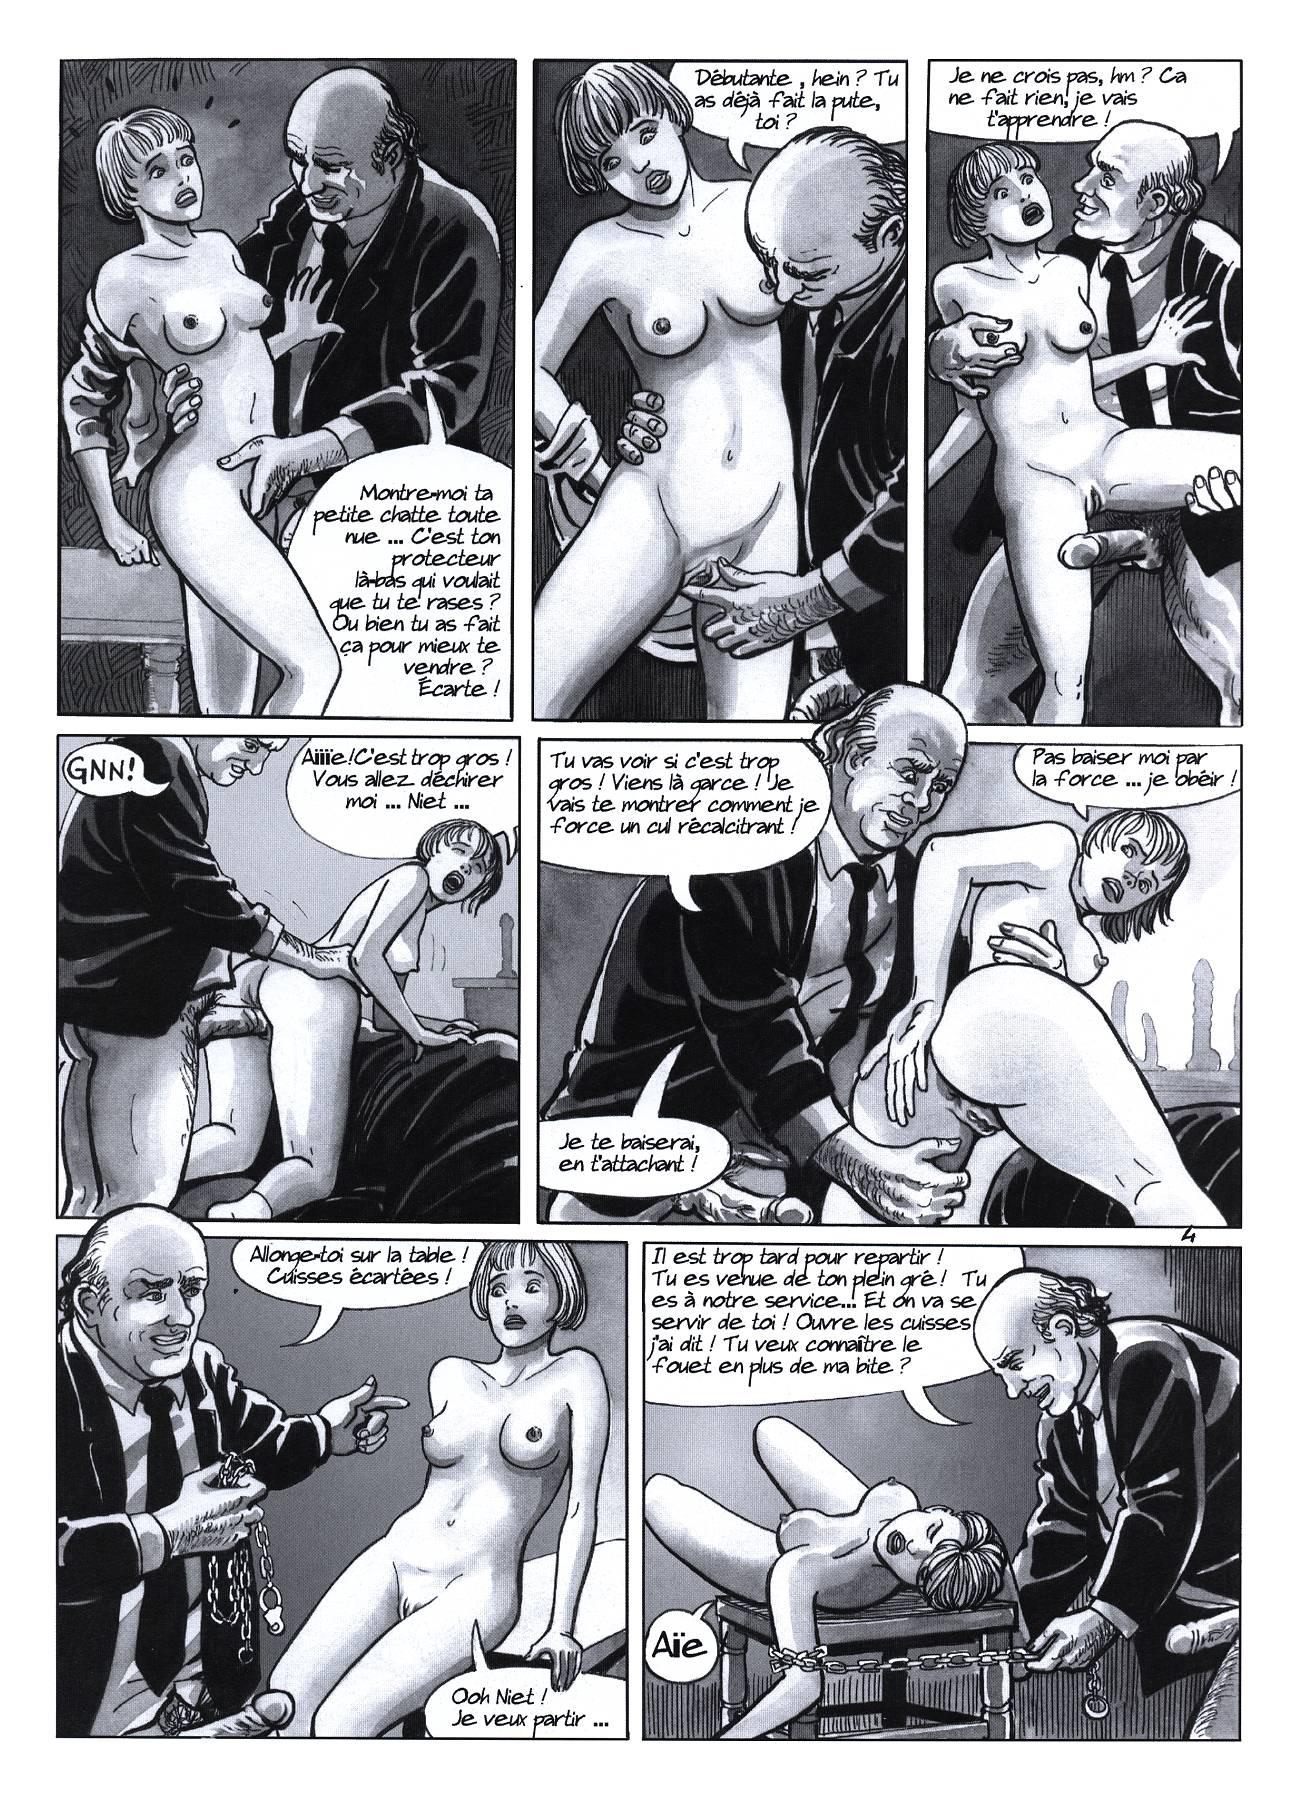 Садо мазо кнут порно 1 фотография